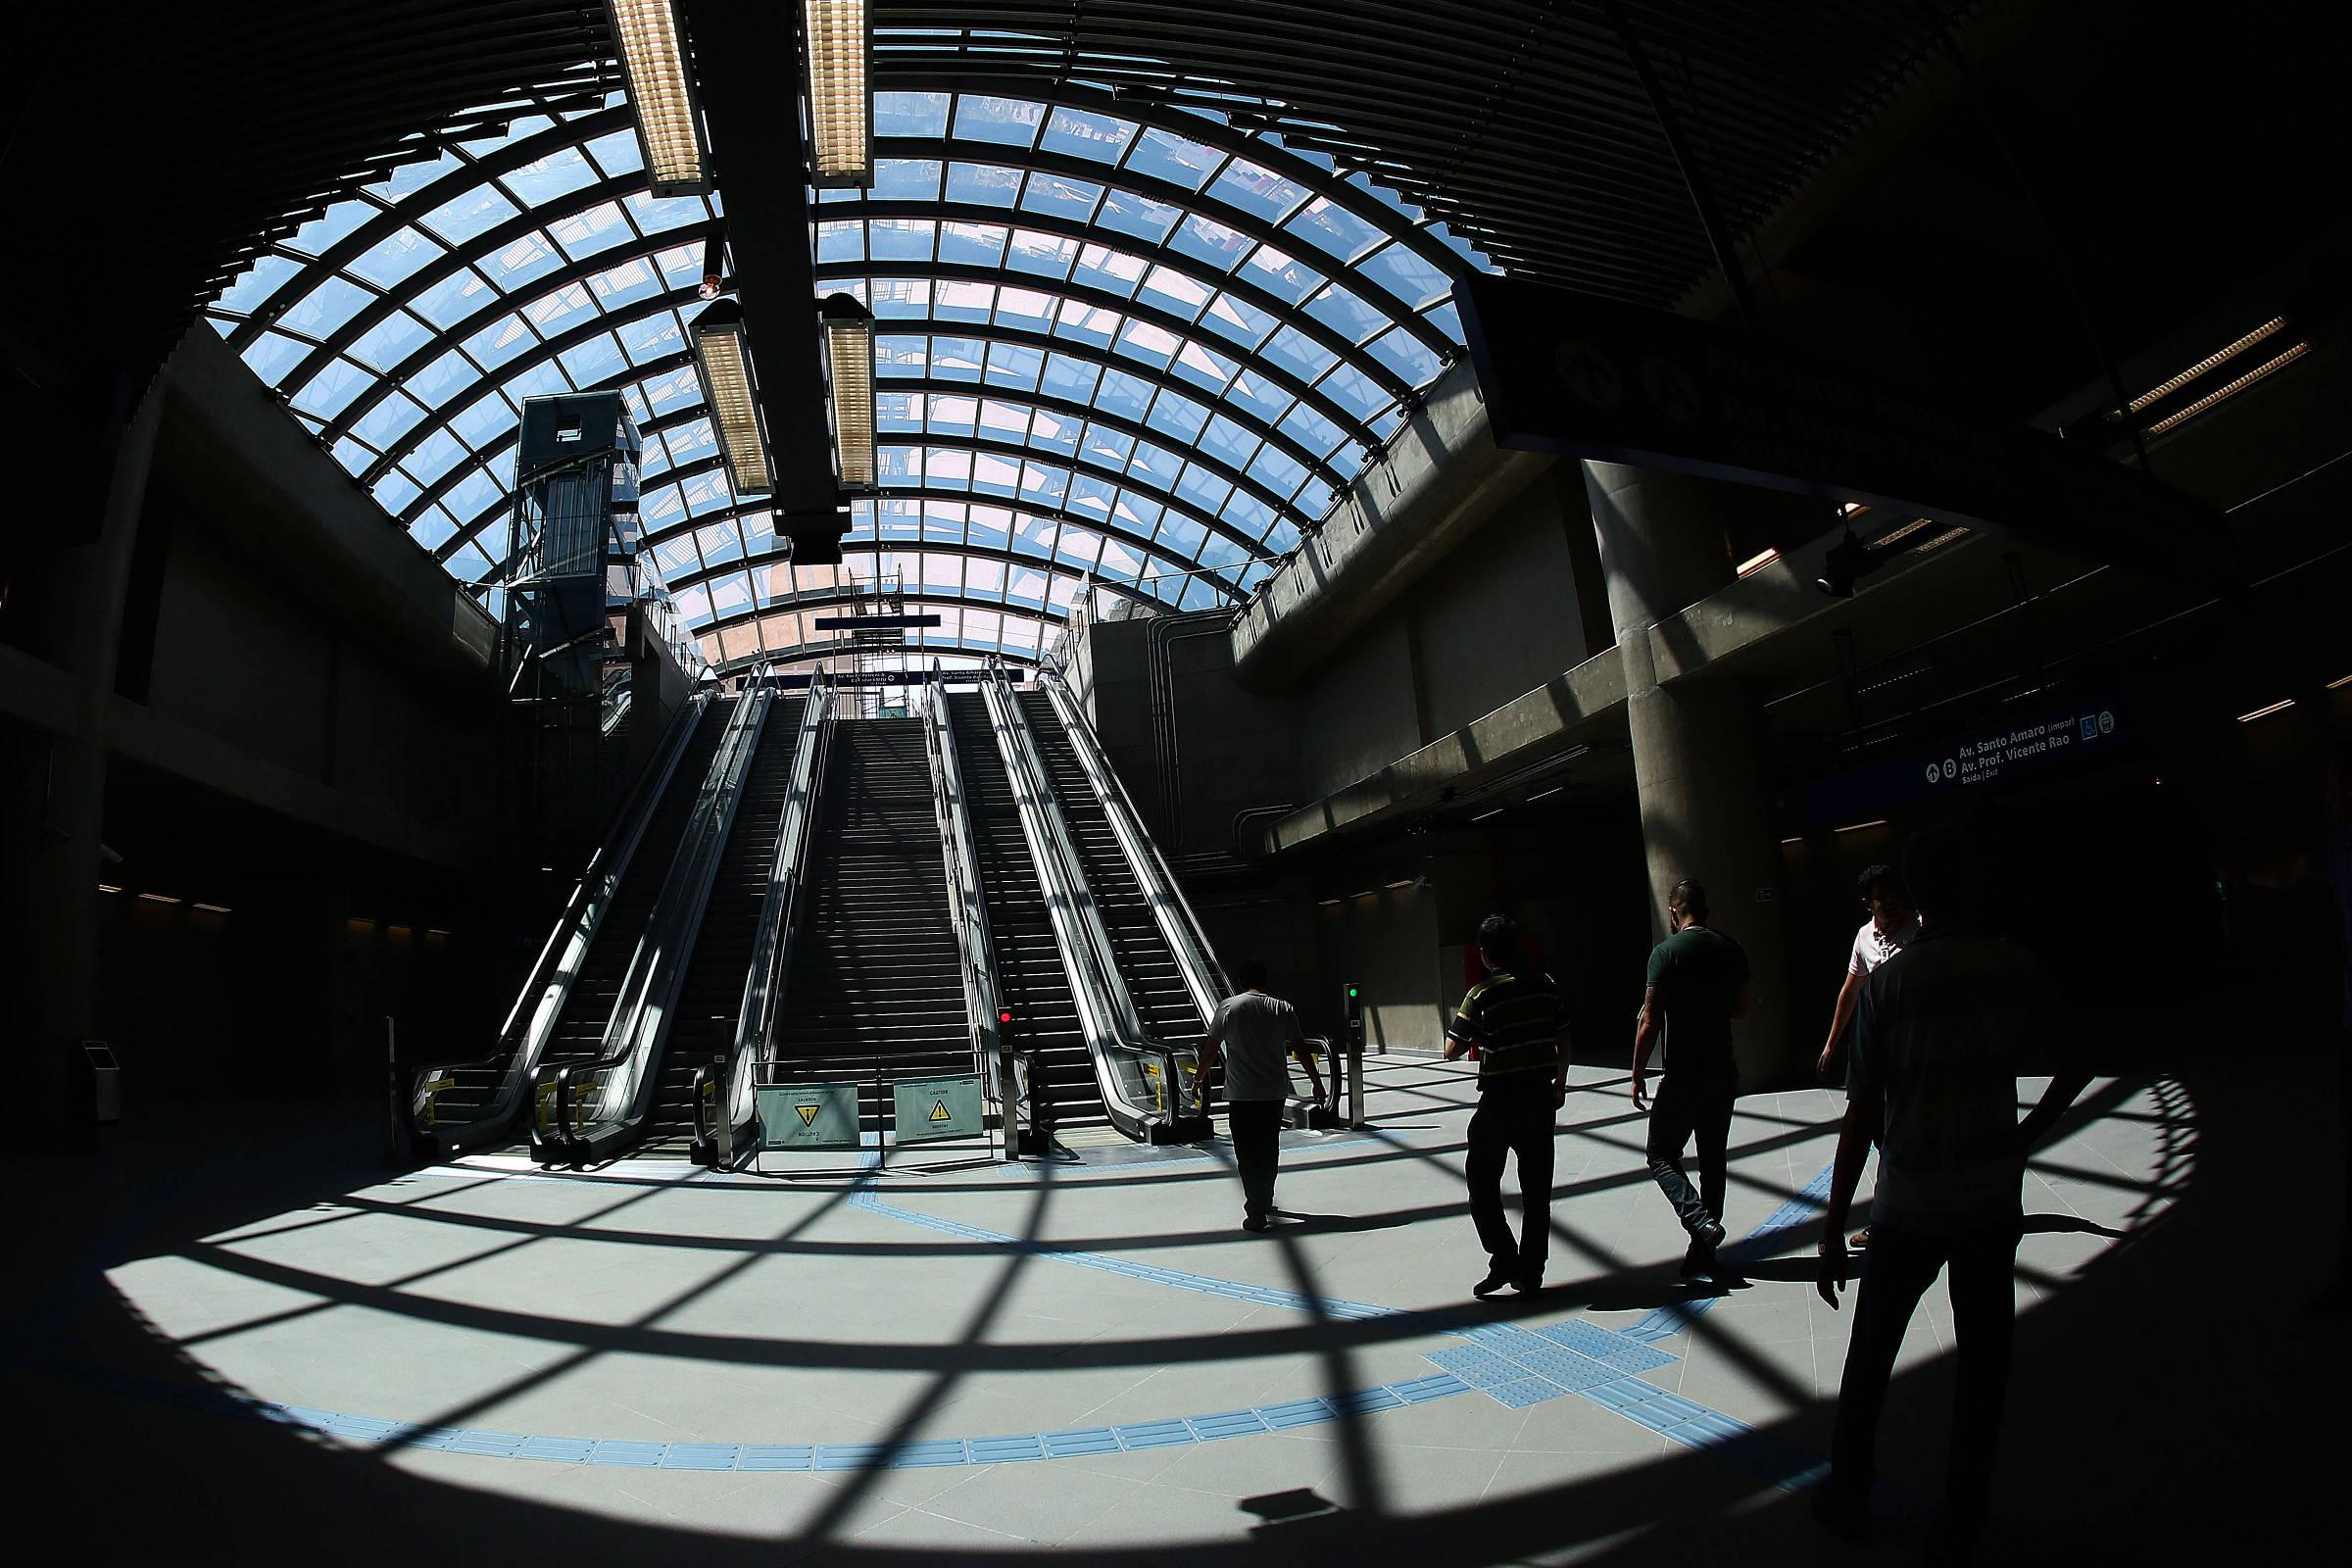 66371dab7b86 Linha 5 do metrô tem novo atraso, e estações são previstas para agosto -  11/07/2018 - Cotidiano - Folha